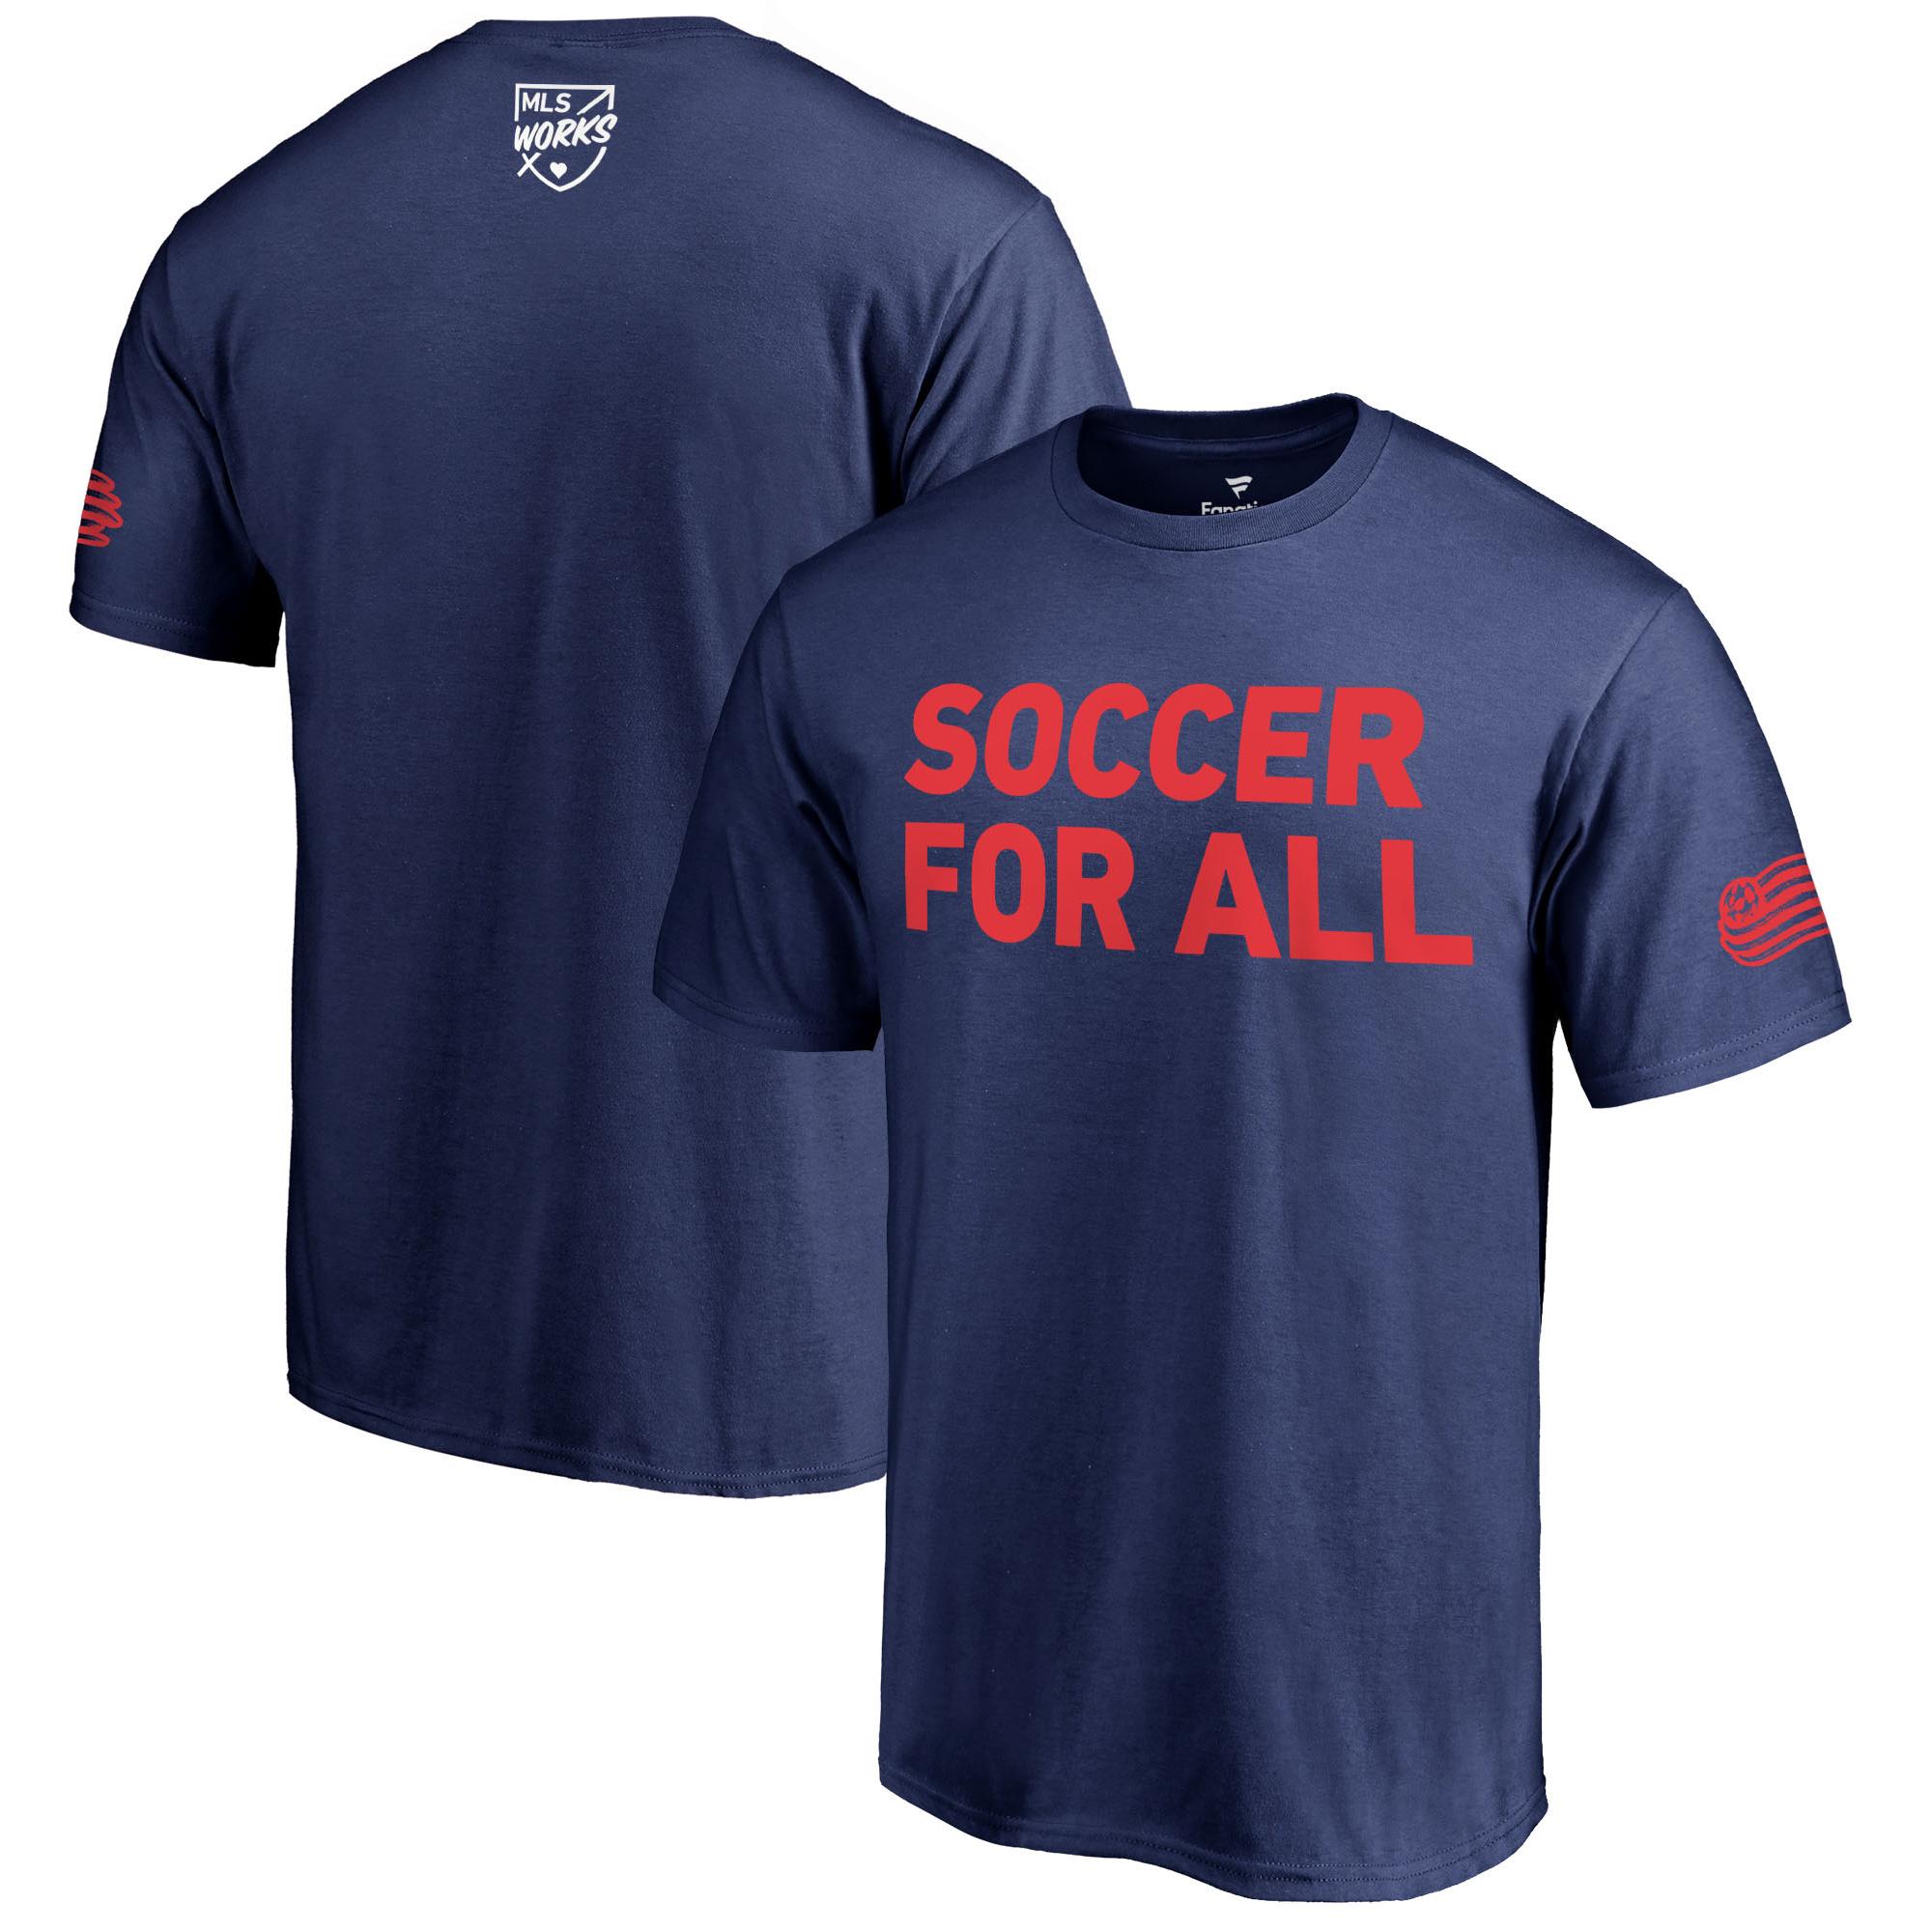 New England Revolution Fanatics Branded 2018 Soccer For All T-Shirt - Navy